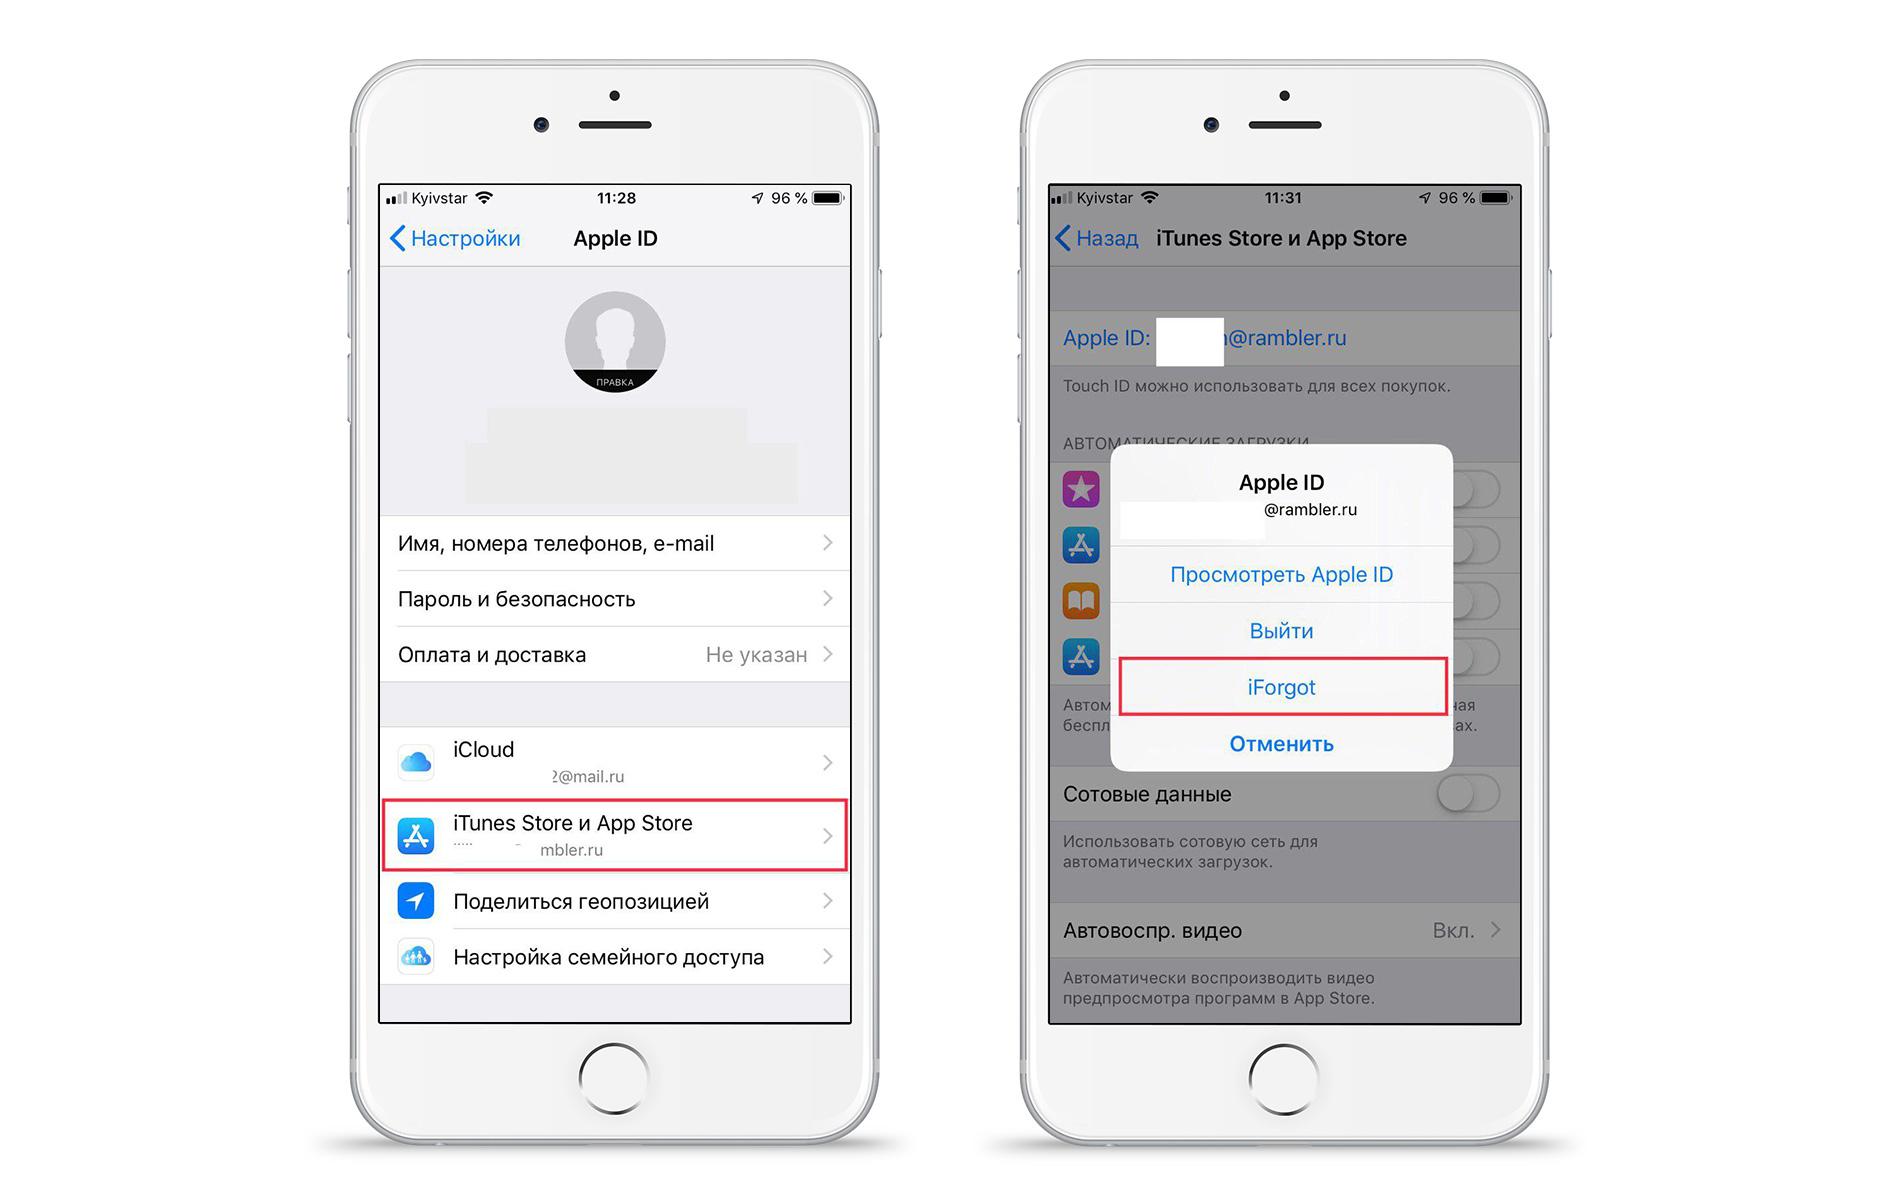 Восстановить забытый пароль Apple ID через iPhone